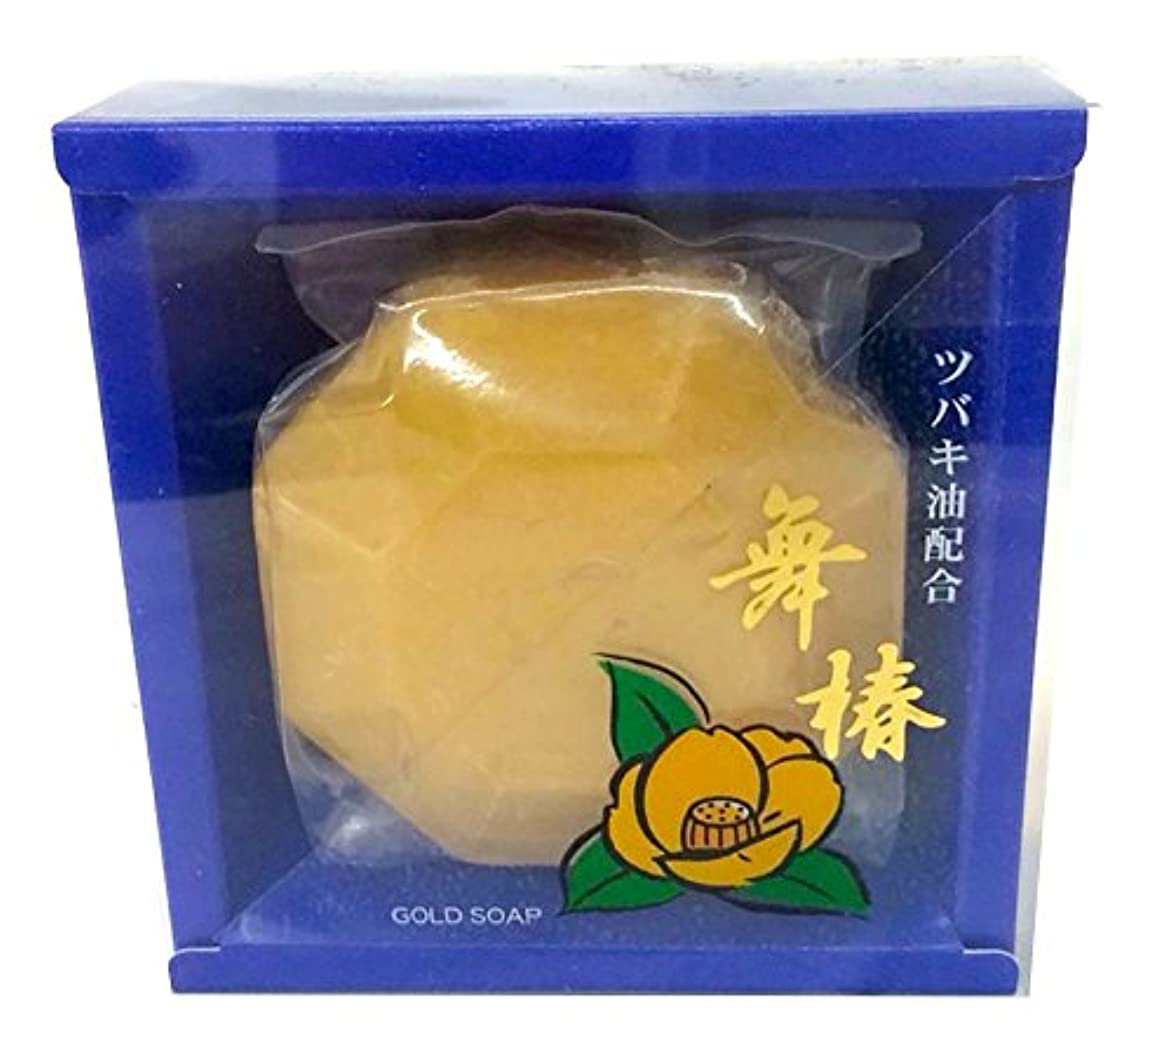 彫刻家安西適応舞椿ゴールドソープ (ツバキオイル配合)110g